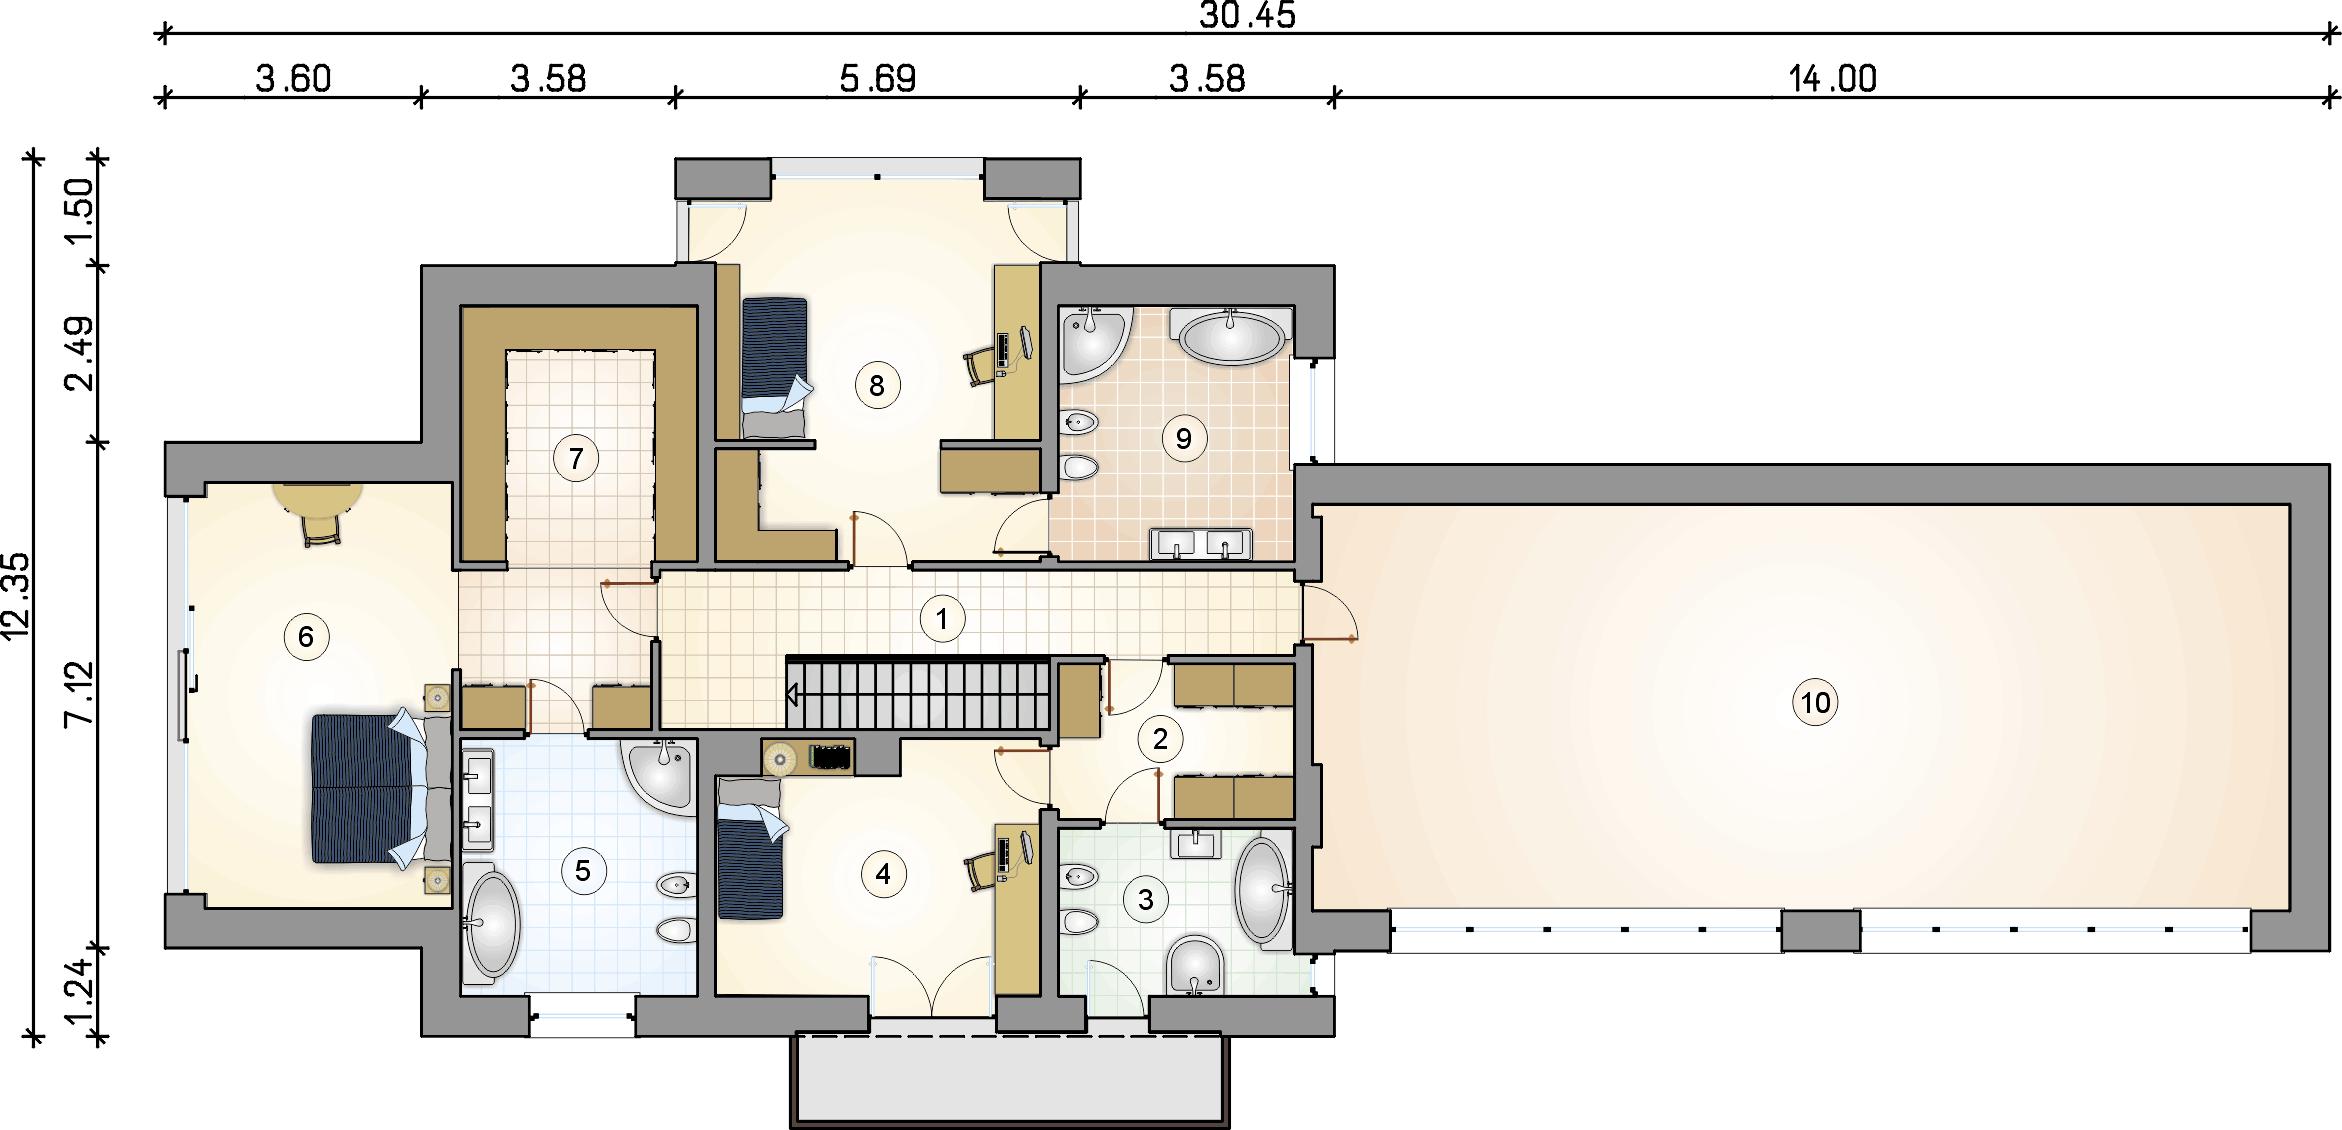 Rzut piętra - projekt Senator III